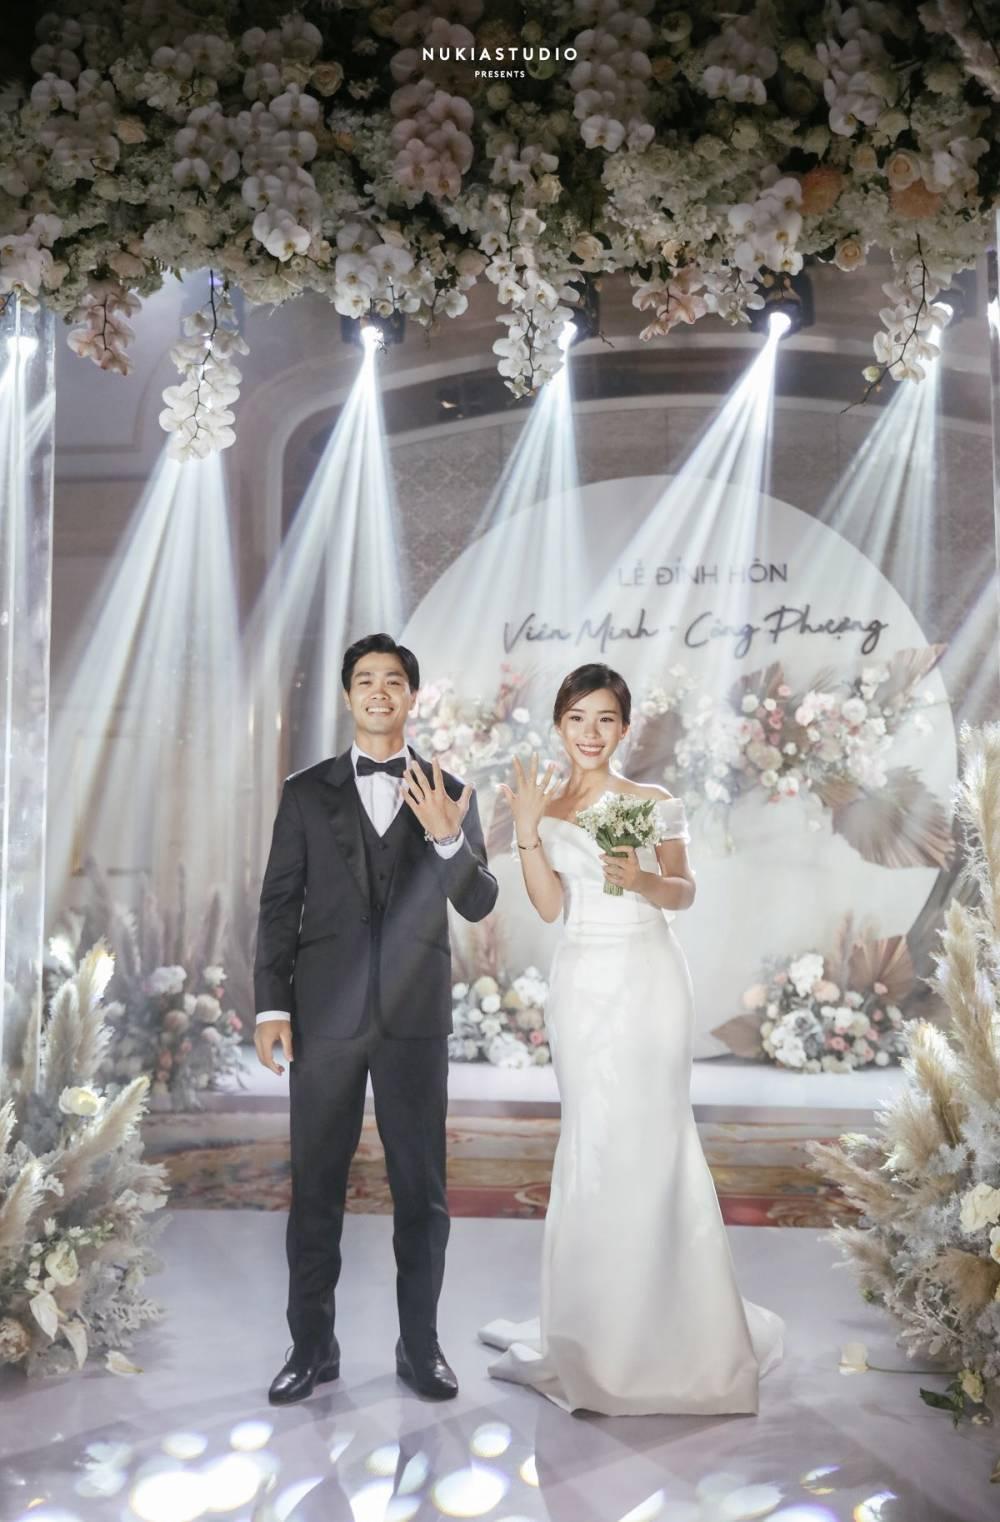 Ngày vui của Công Phượng và Viễn Minh xuất hiện trên hàng loạt tờ báo Trung Quốc, được ca tụng là cặp trai tài gái sắc - Ảnh 5.